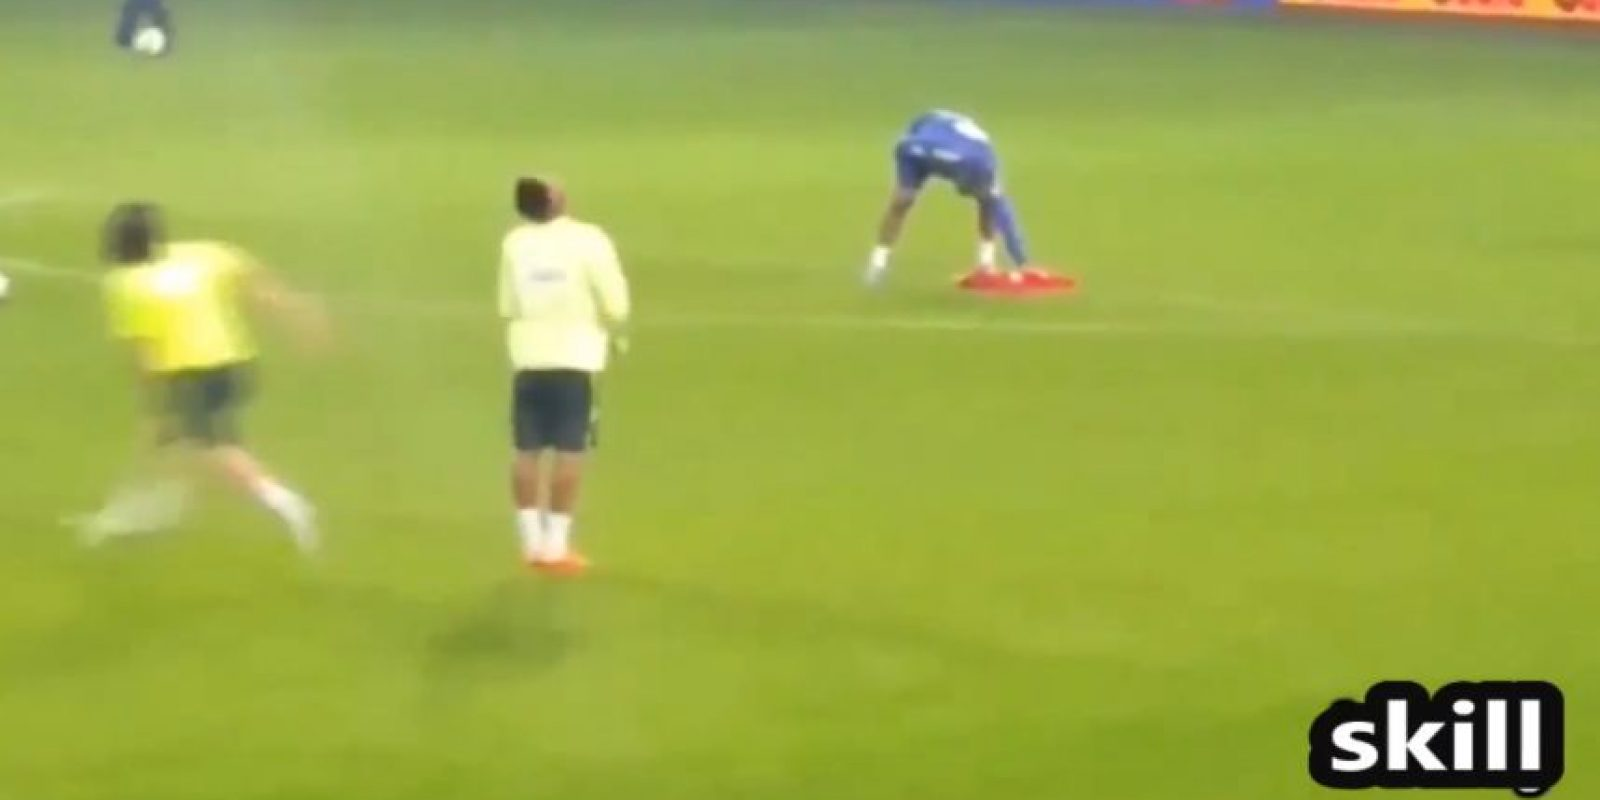 Y le hizo una jugada que lo dejó inmóvil Foto:Youtibe: Brazil FIFA Cup